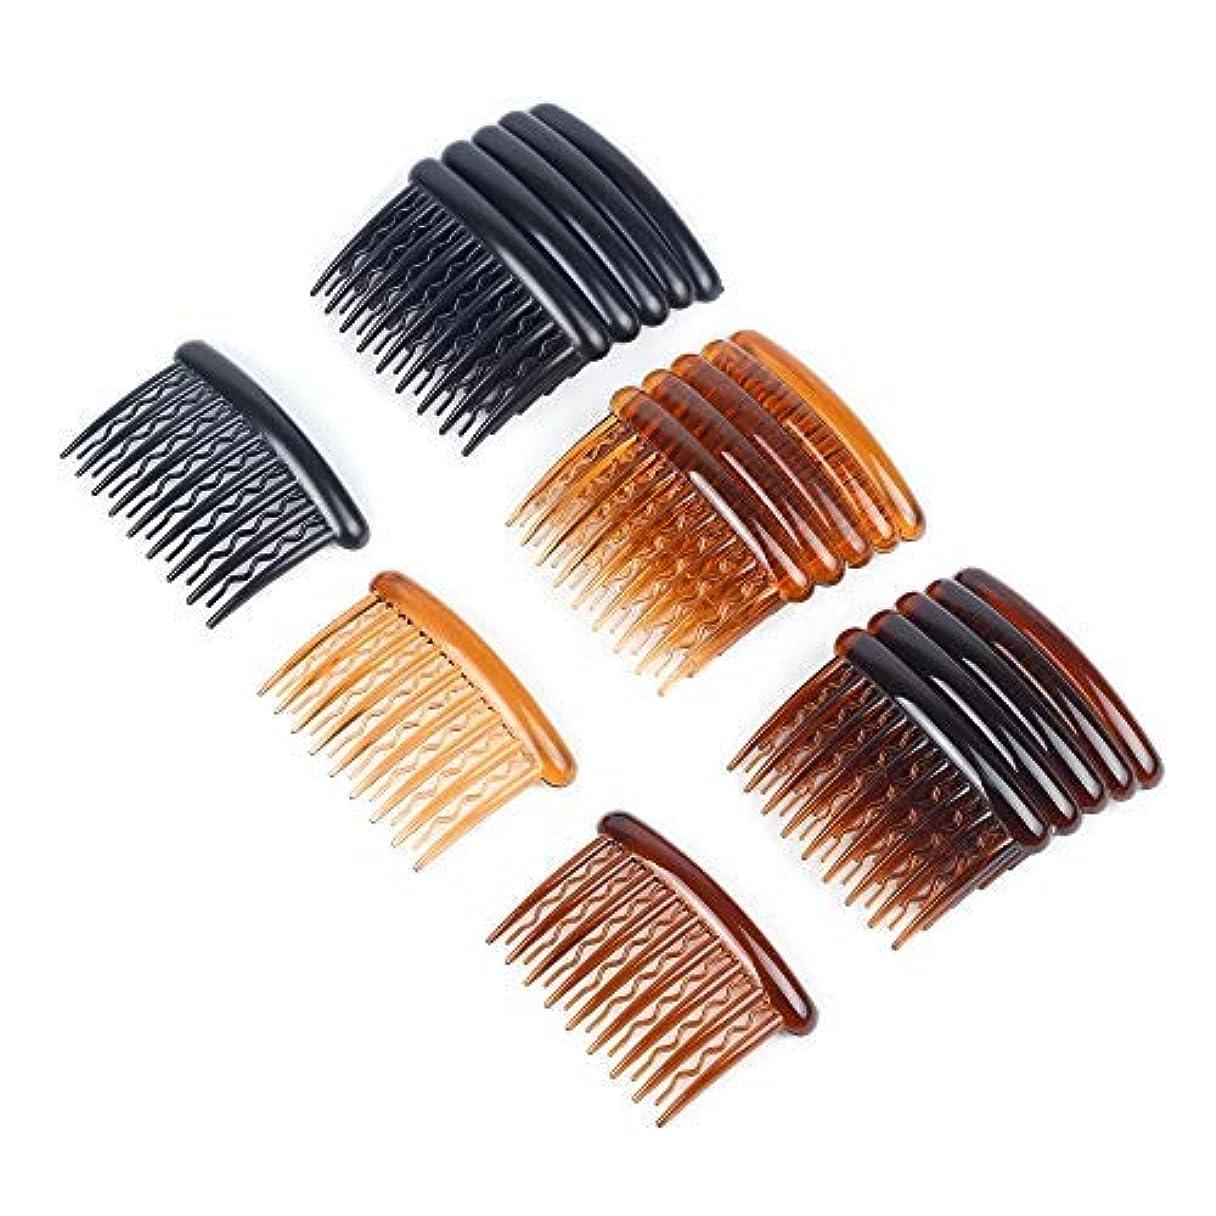 説明する壊す上陸WBCBEC 18 Pieces Plastic Teeth Hair Combs Tortoise Side Comb Hair Accessories for Fine Hair [並行輸入品]